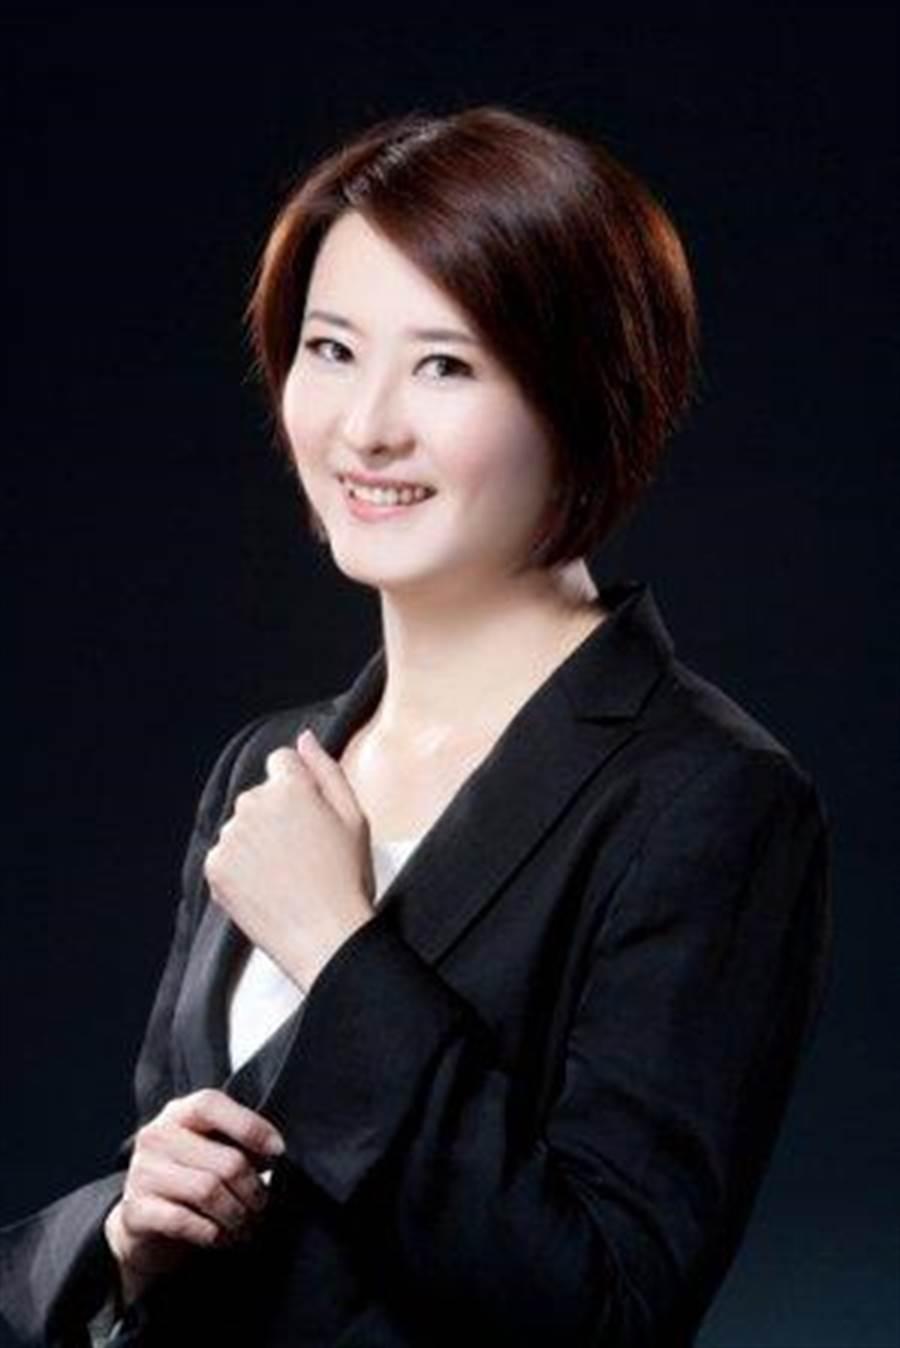 台北市議員王鴻薇。(摘自王鴻薇臉書)